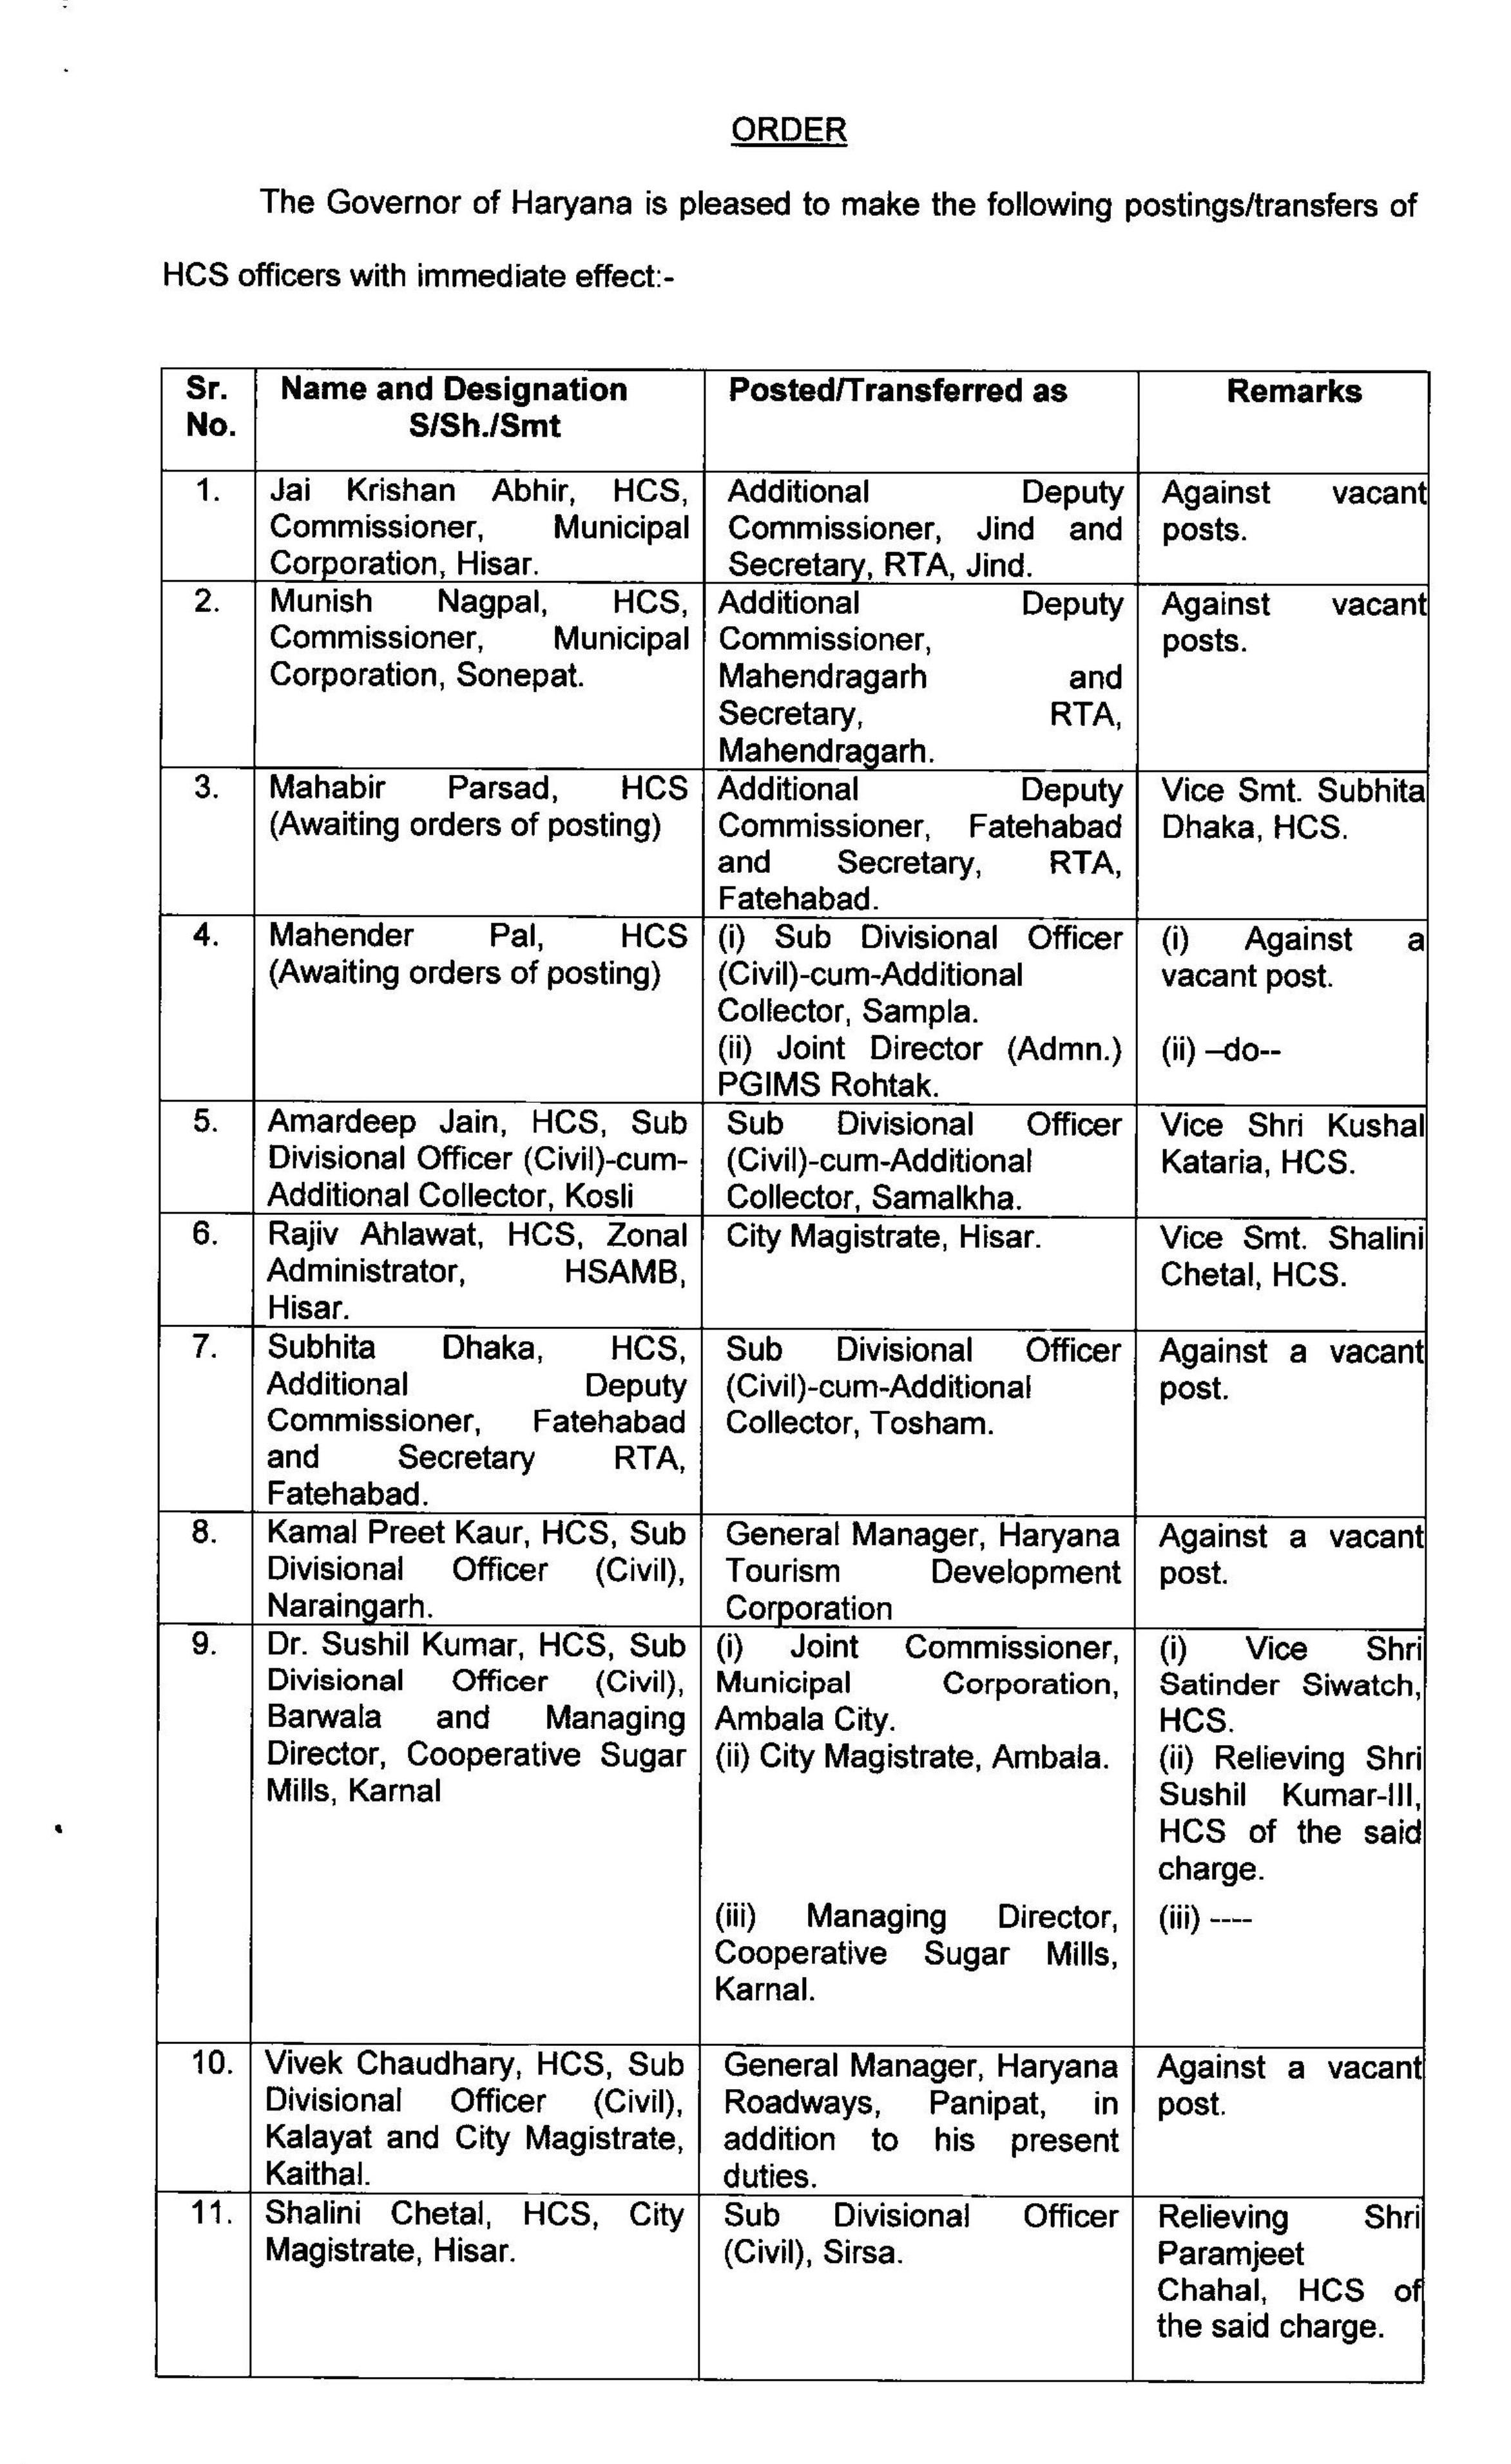 PunjabKesari, transfer